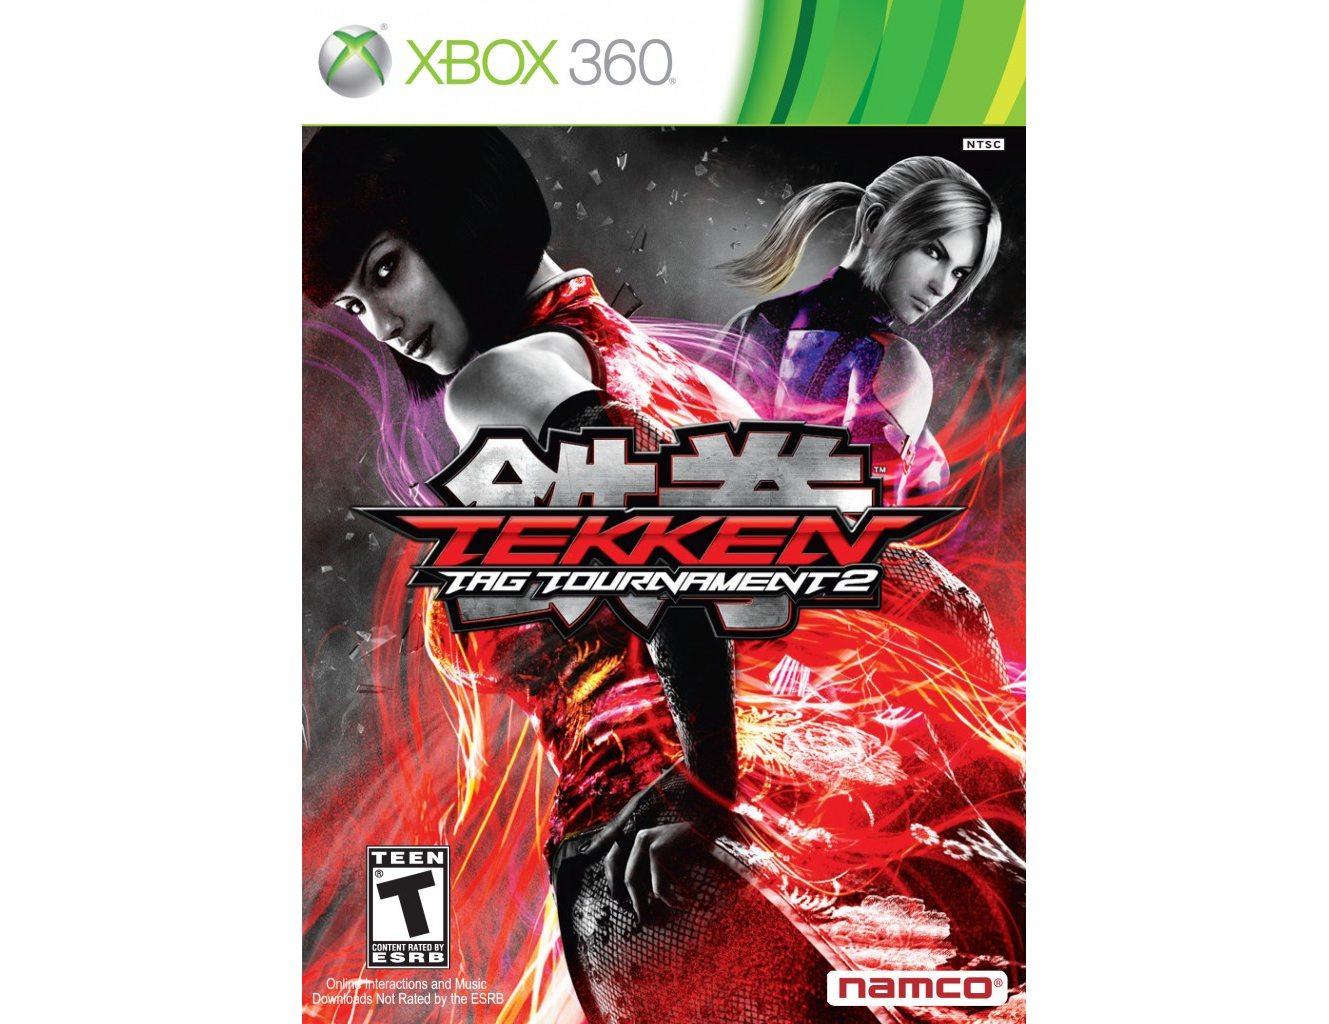 Xbox 360 Tekken Tag Tournament 2 Xbox 360